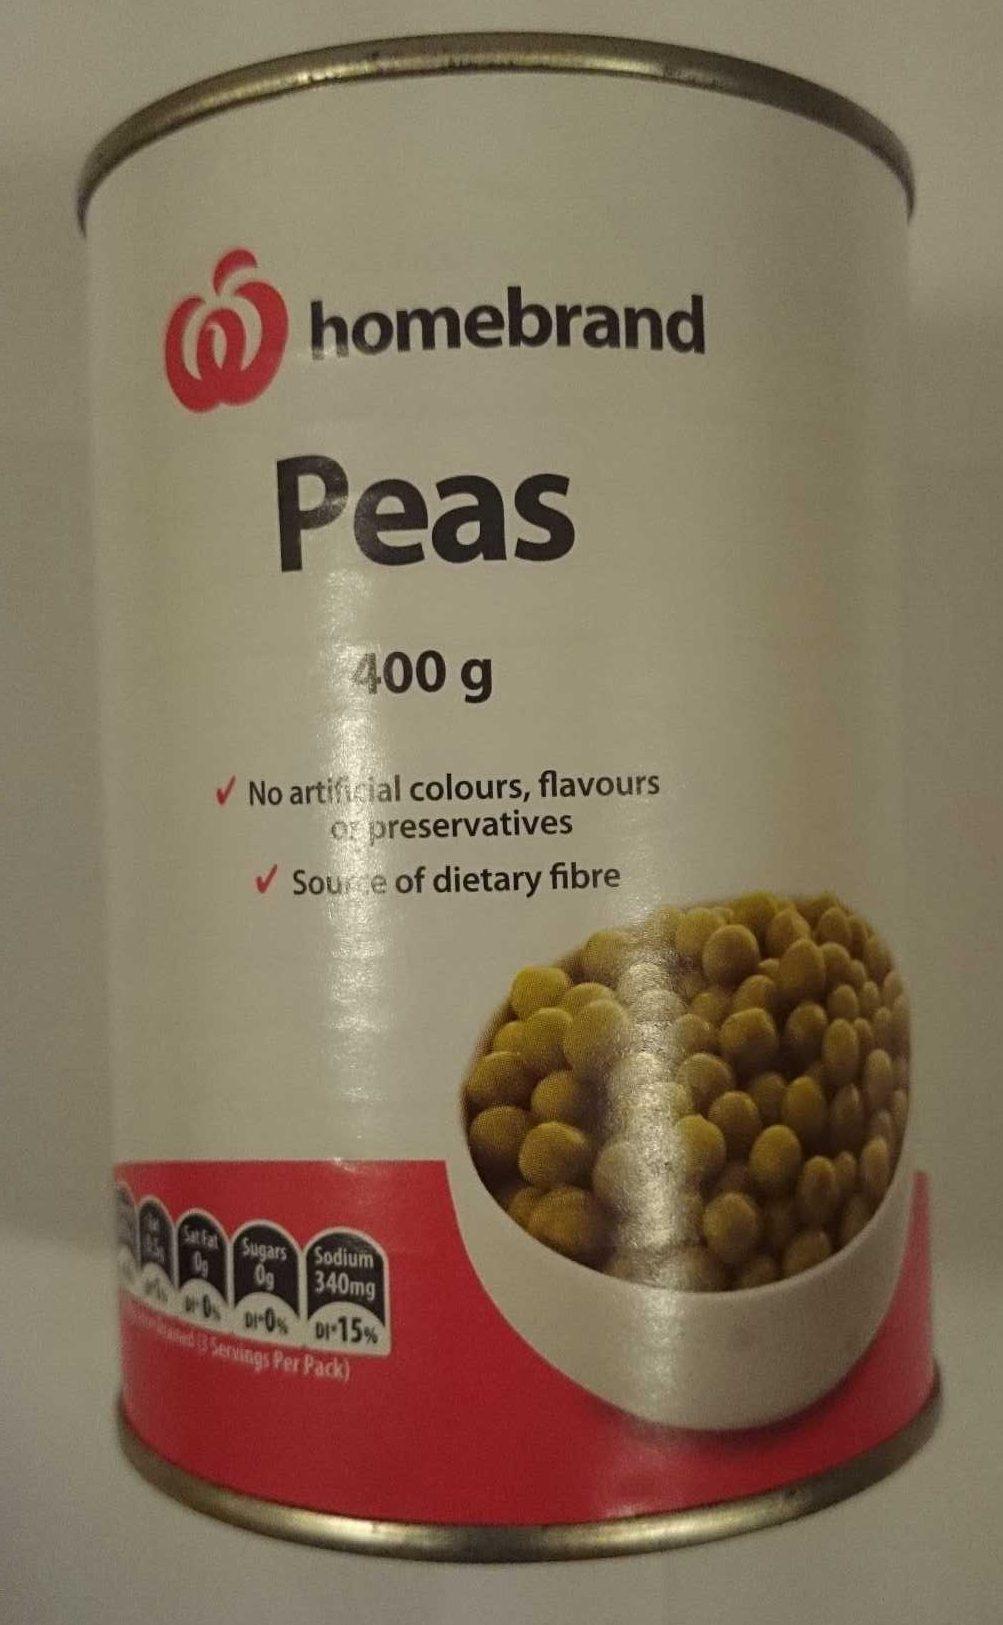 Homebrand Peas - Product - en